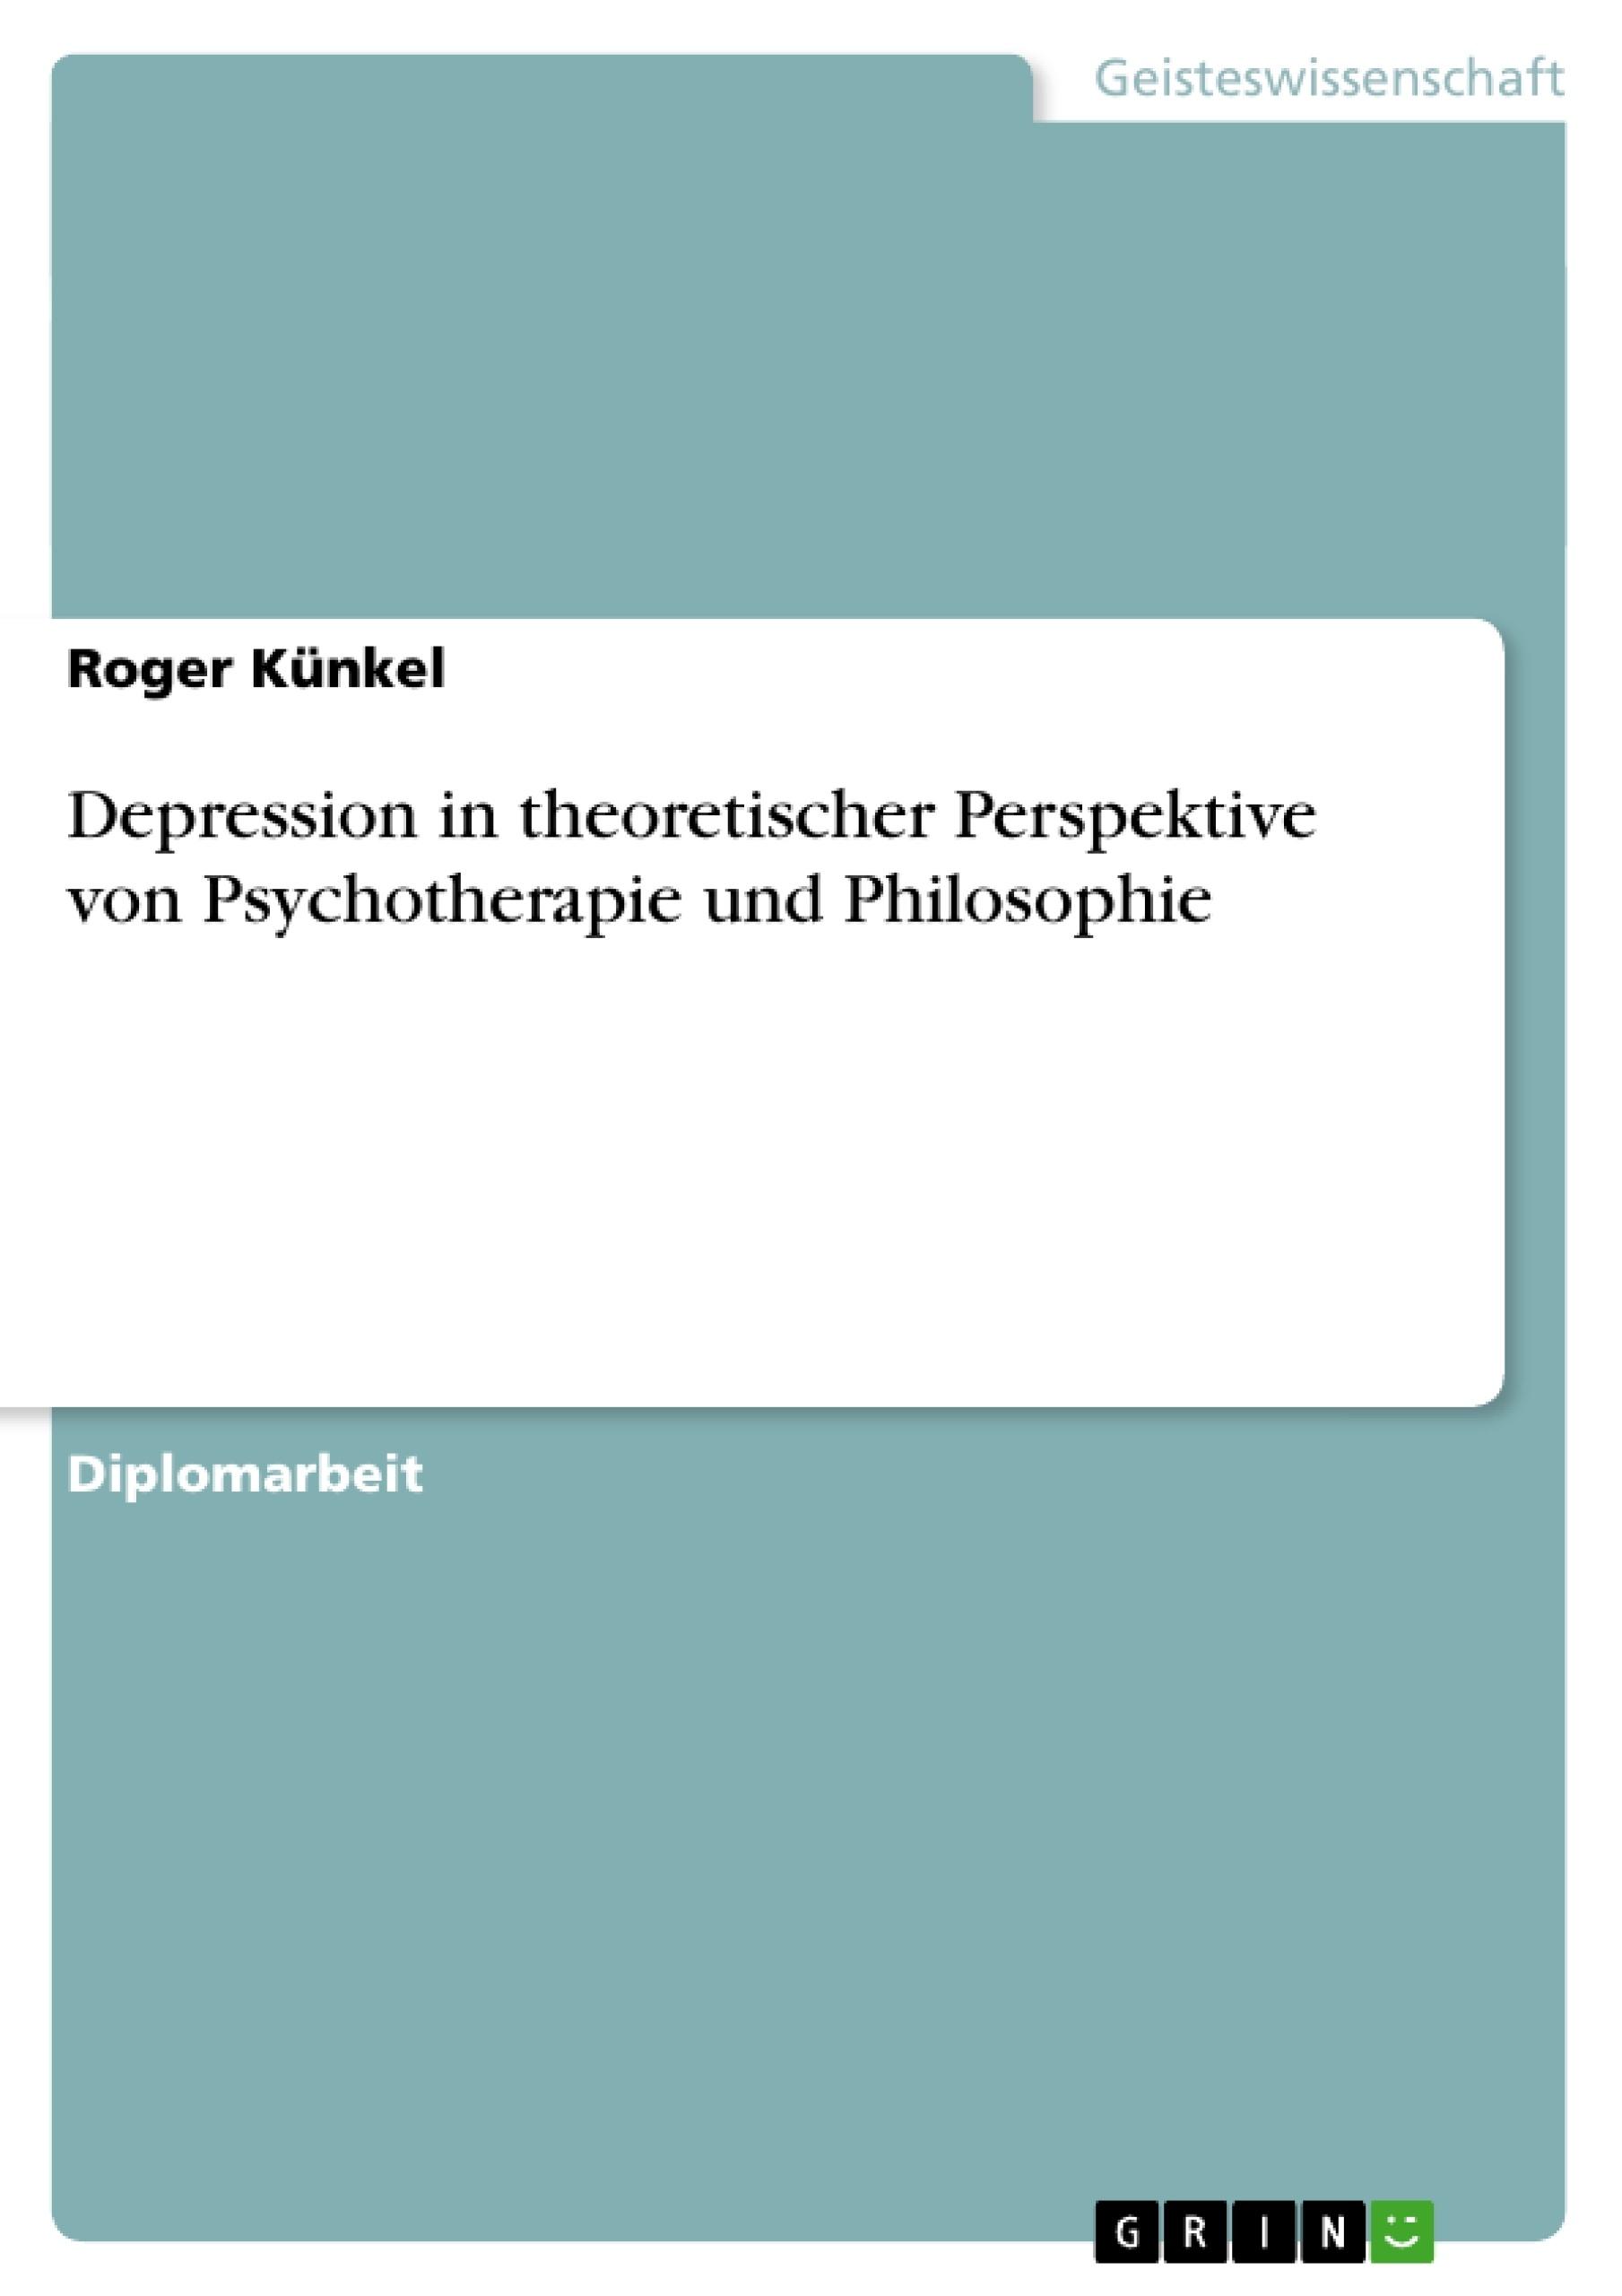 Titel: Depression in theoretischer Perspektive von Psychotherapie und Philosophie